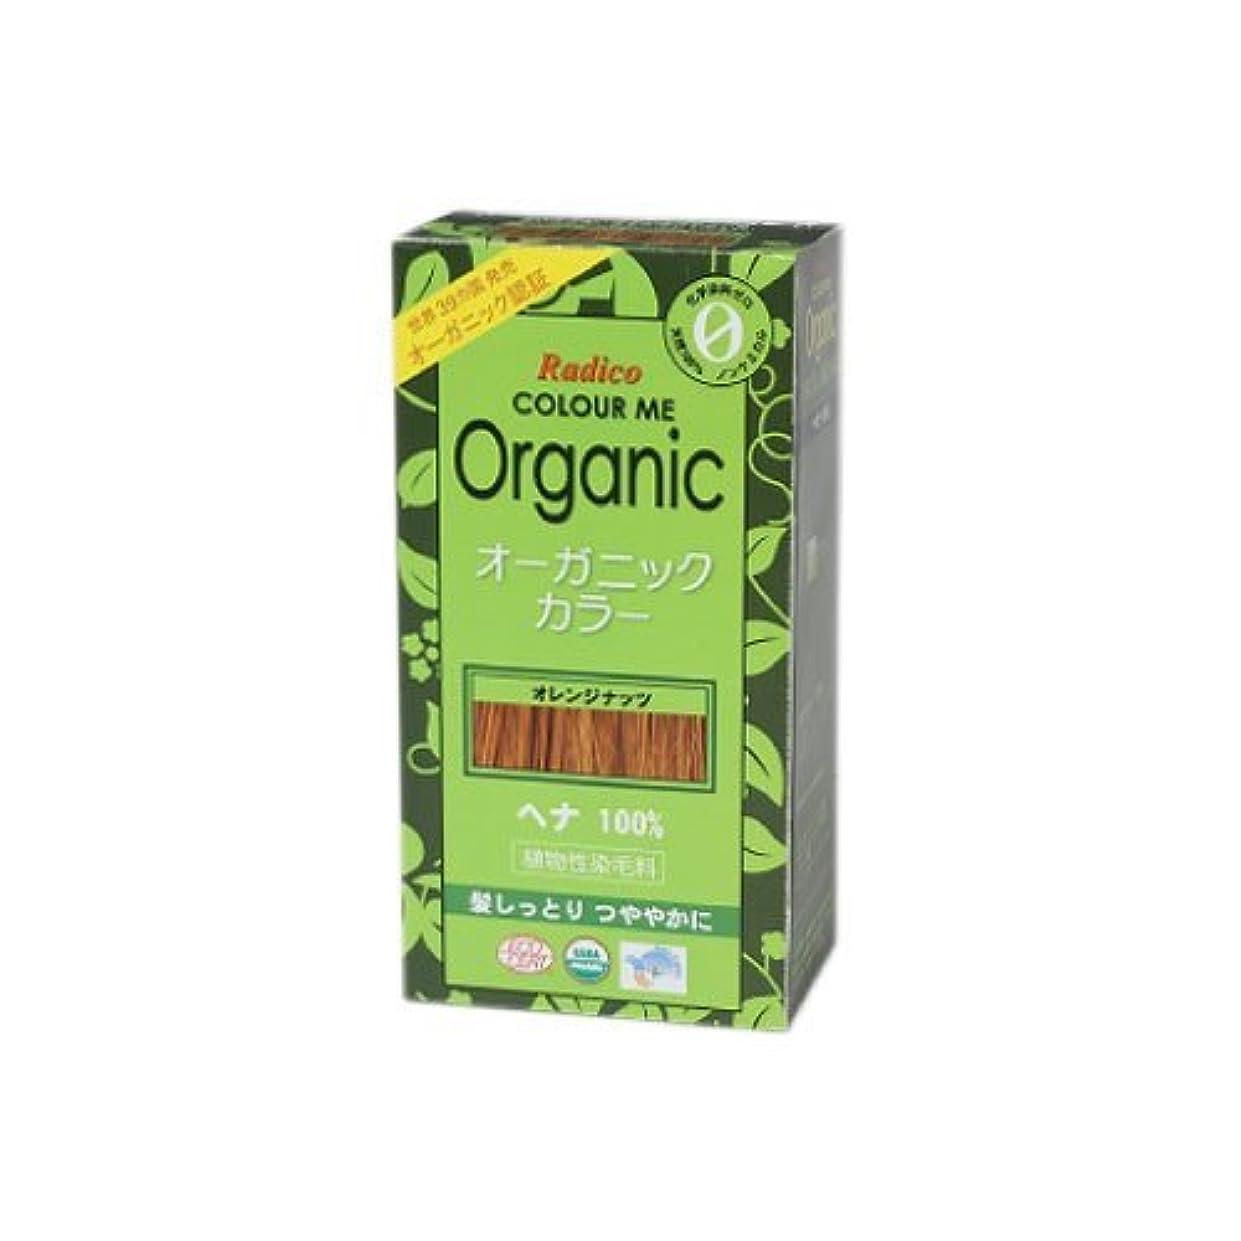 仕事精神医学秀でるCOLOURME Organic (カラーミーオーガニック ヘナ 白髪用) オレンジナッツ 100g